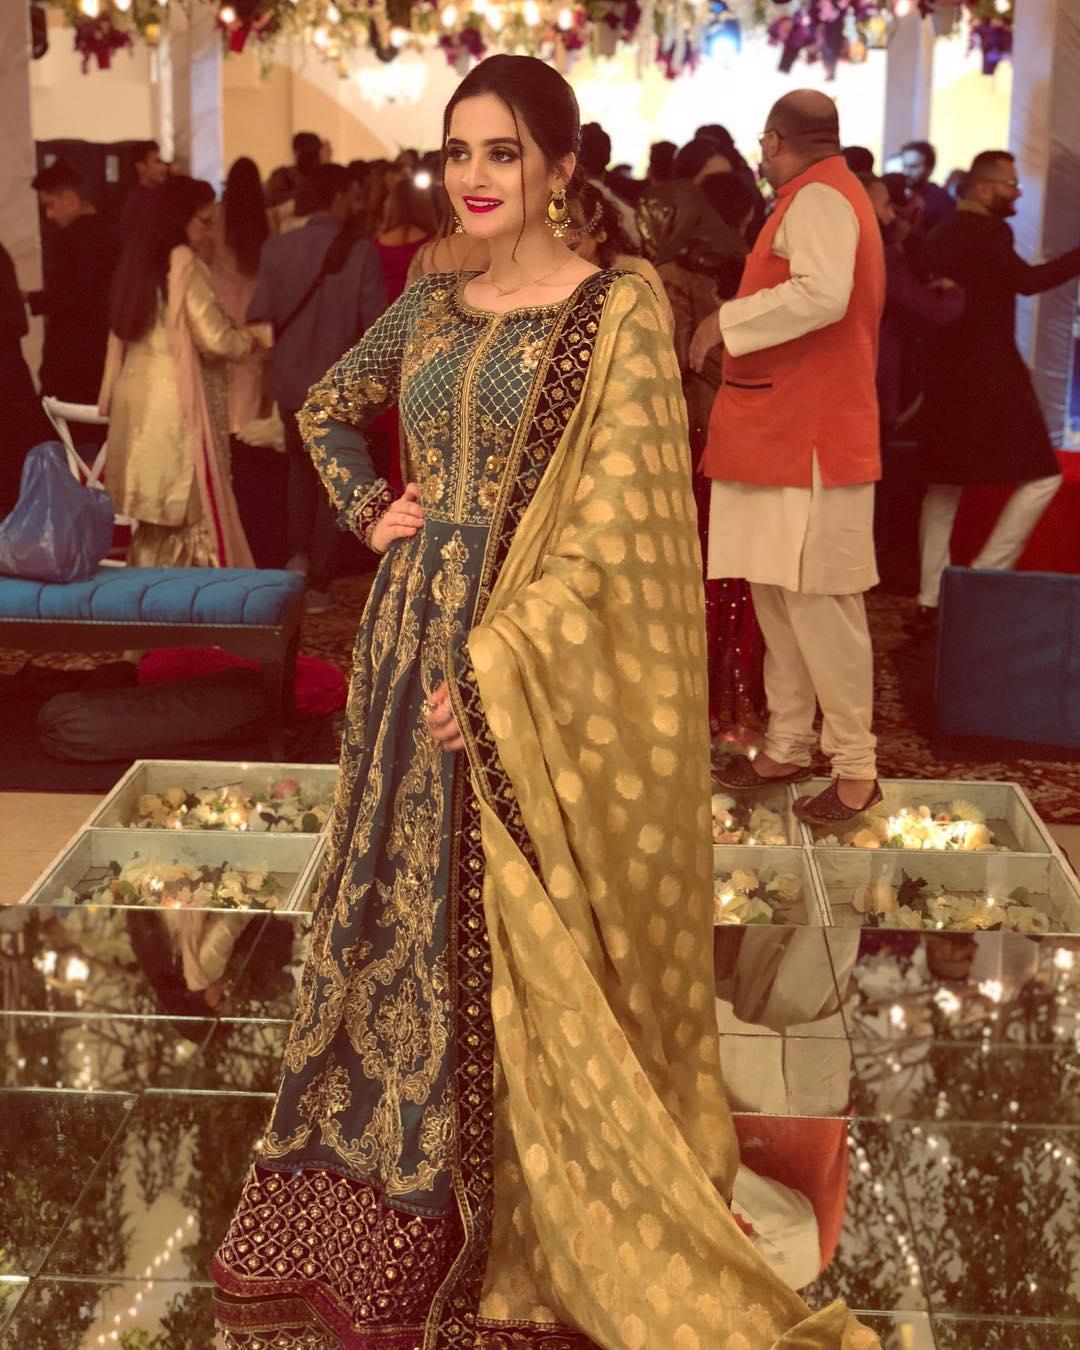 Beautiful Aiman And Minal At A Wedding Event Last Night Pakistani Drama Celebrities